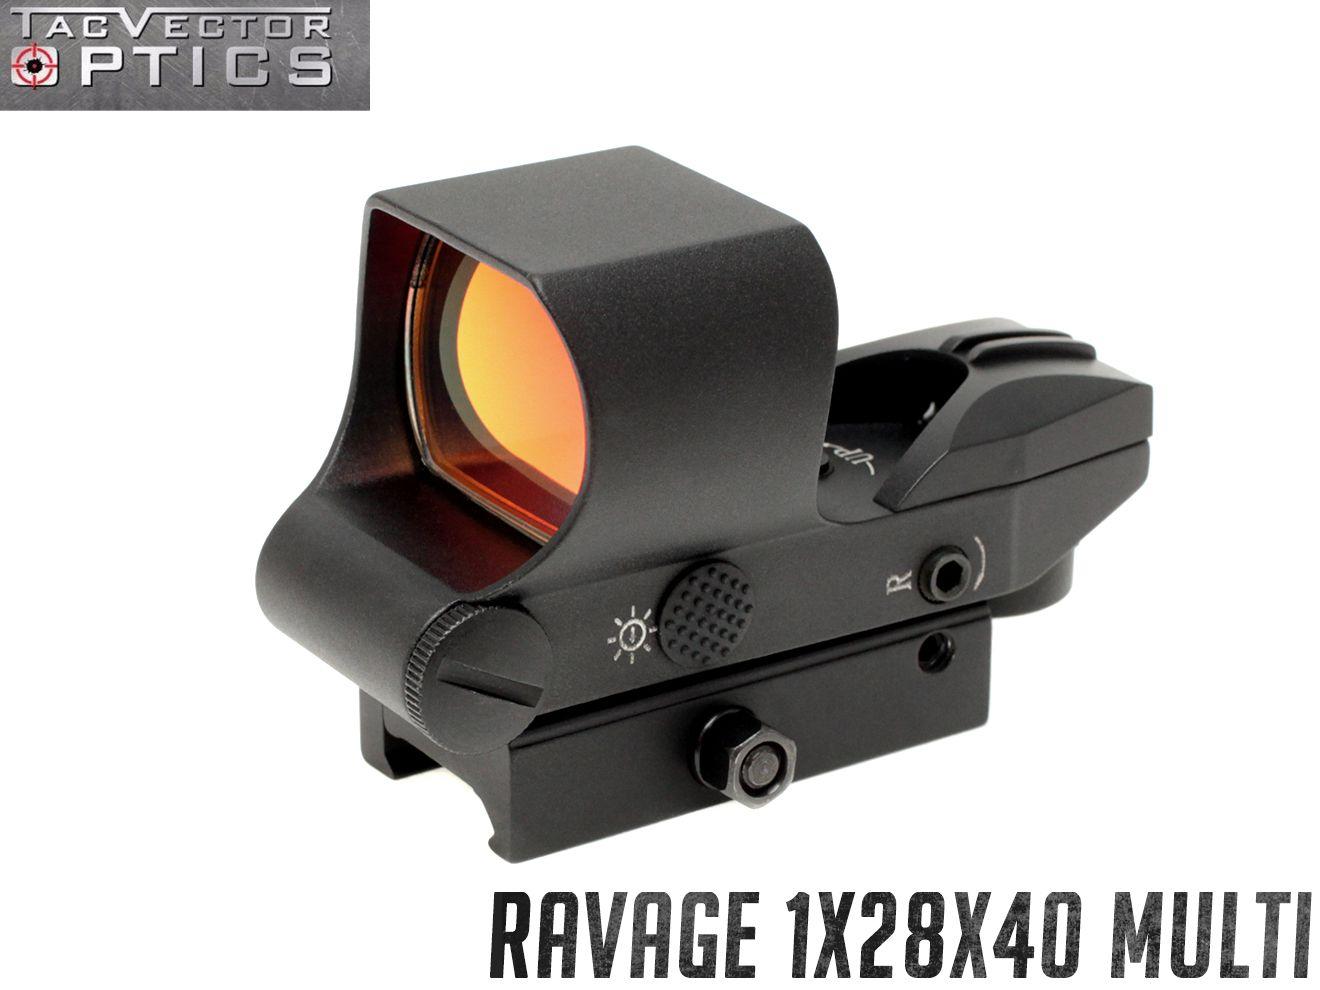 VECTOR OPTICS Ravage 1x28x40 マルチレティクル レッドドットサイト◆ラベージ ベクターオプティクス ダットサイト サバゲー 近接 CQB